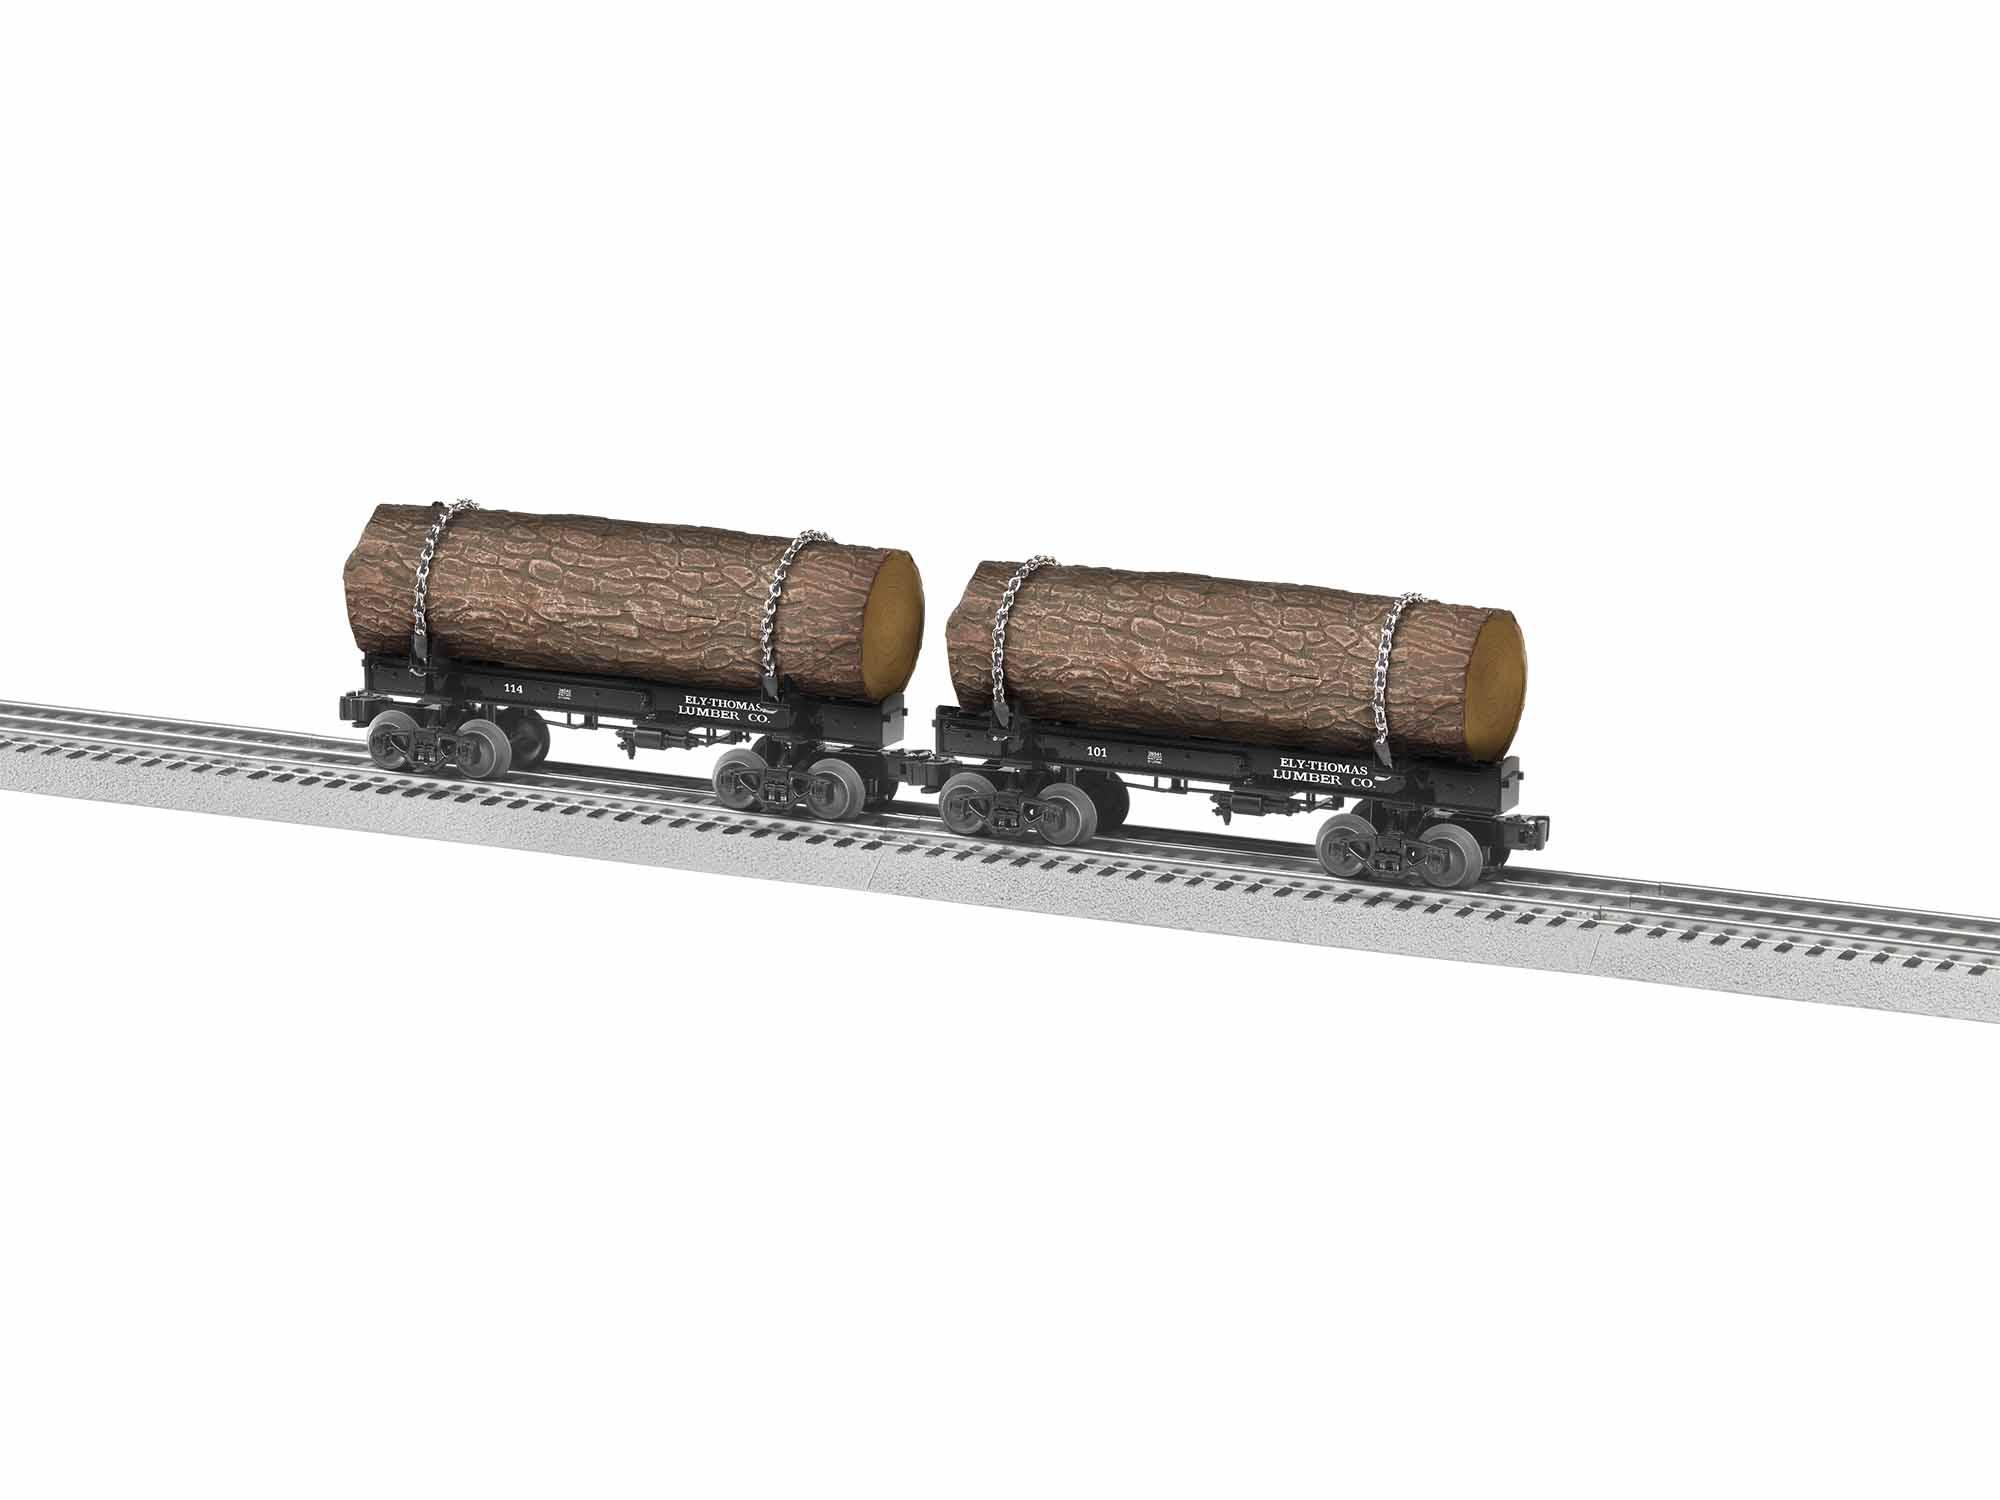 LNL1926540 Lionel O Skeleton Log Car, Ely Thomas (2) Pack A